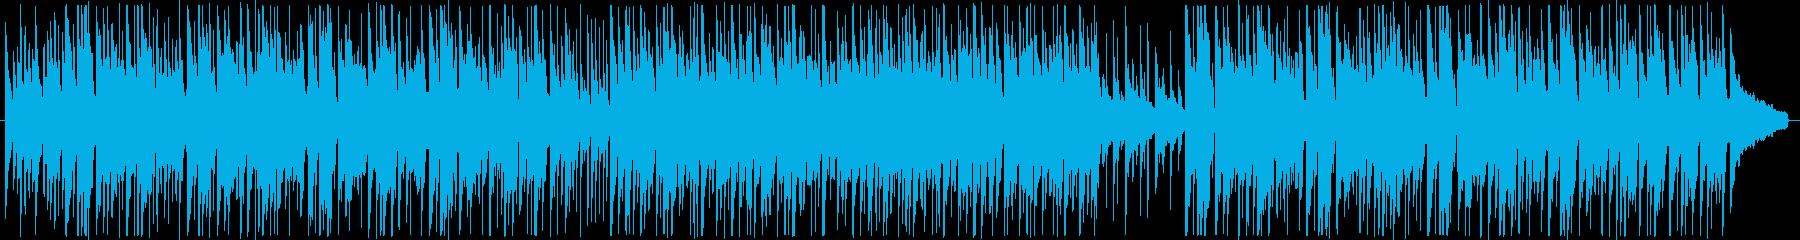 夏のけだるい午後・ほのぼの・日常・不思議の再生済みの波形